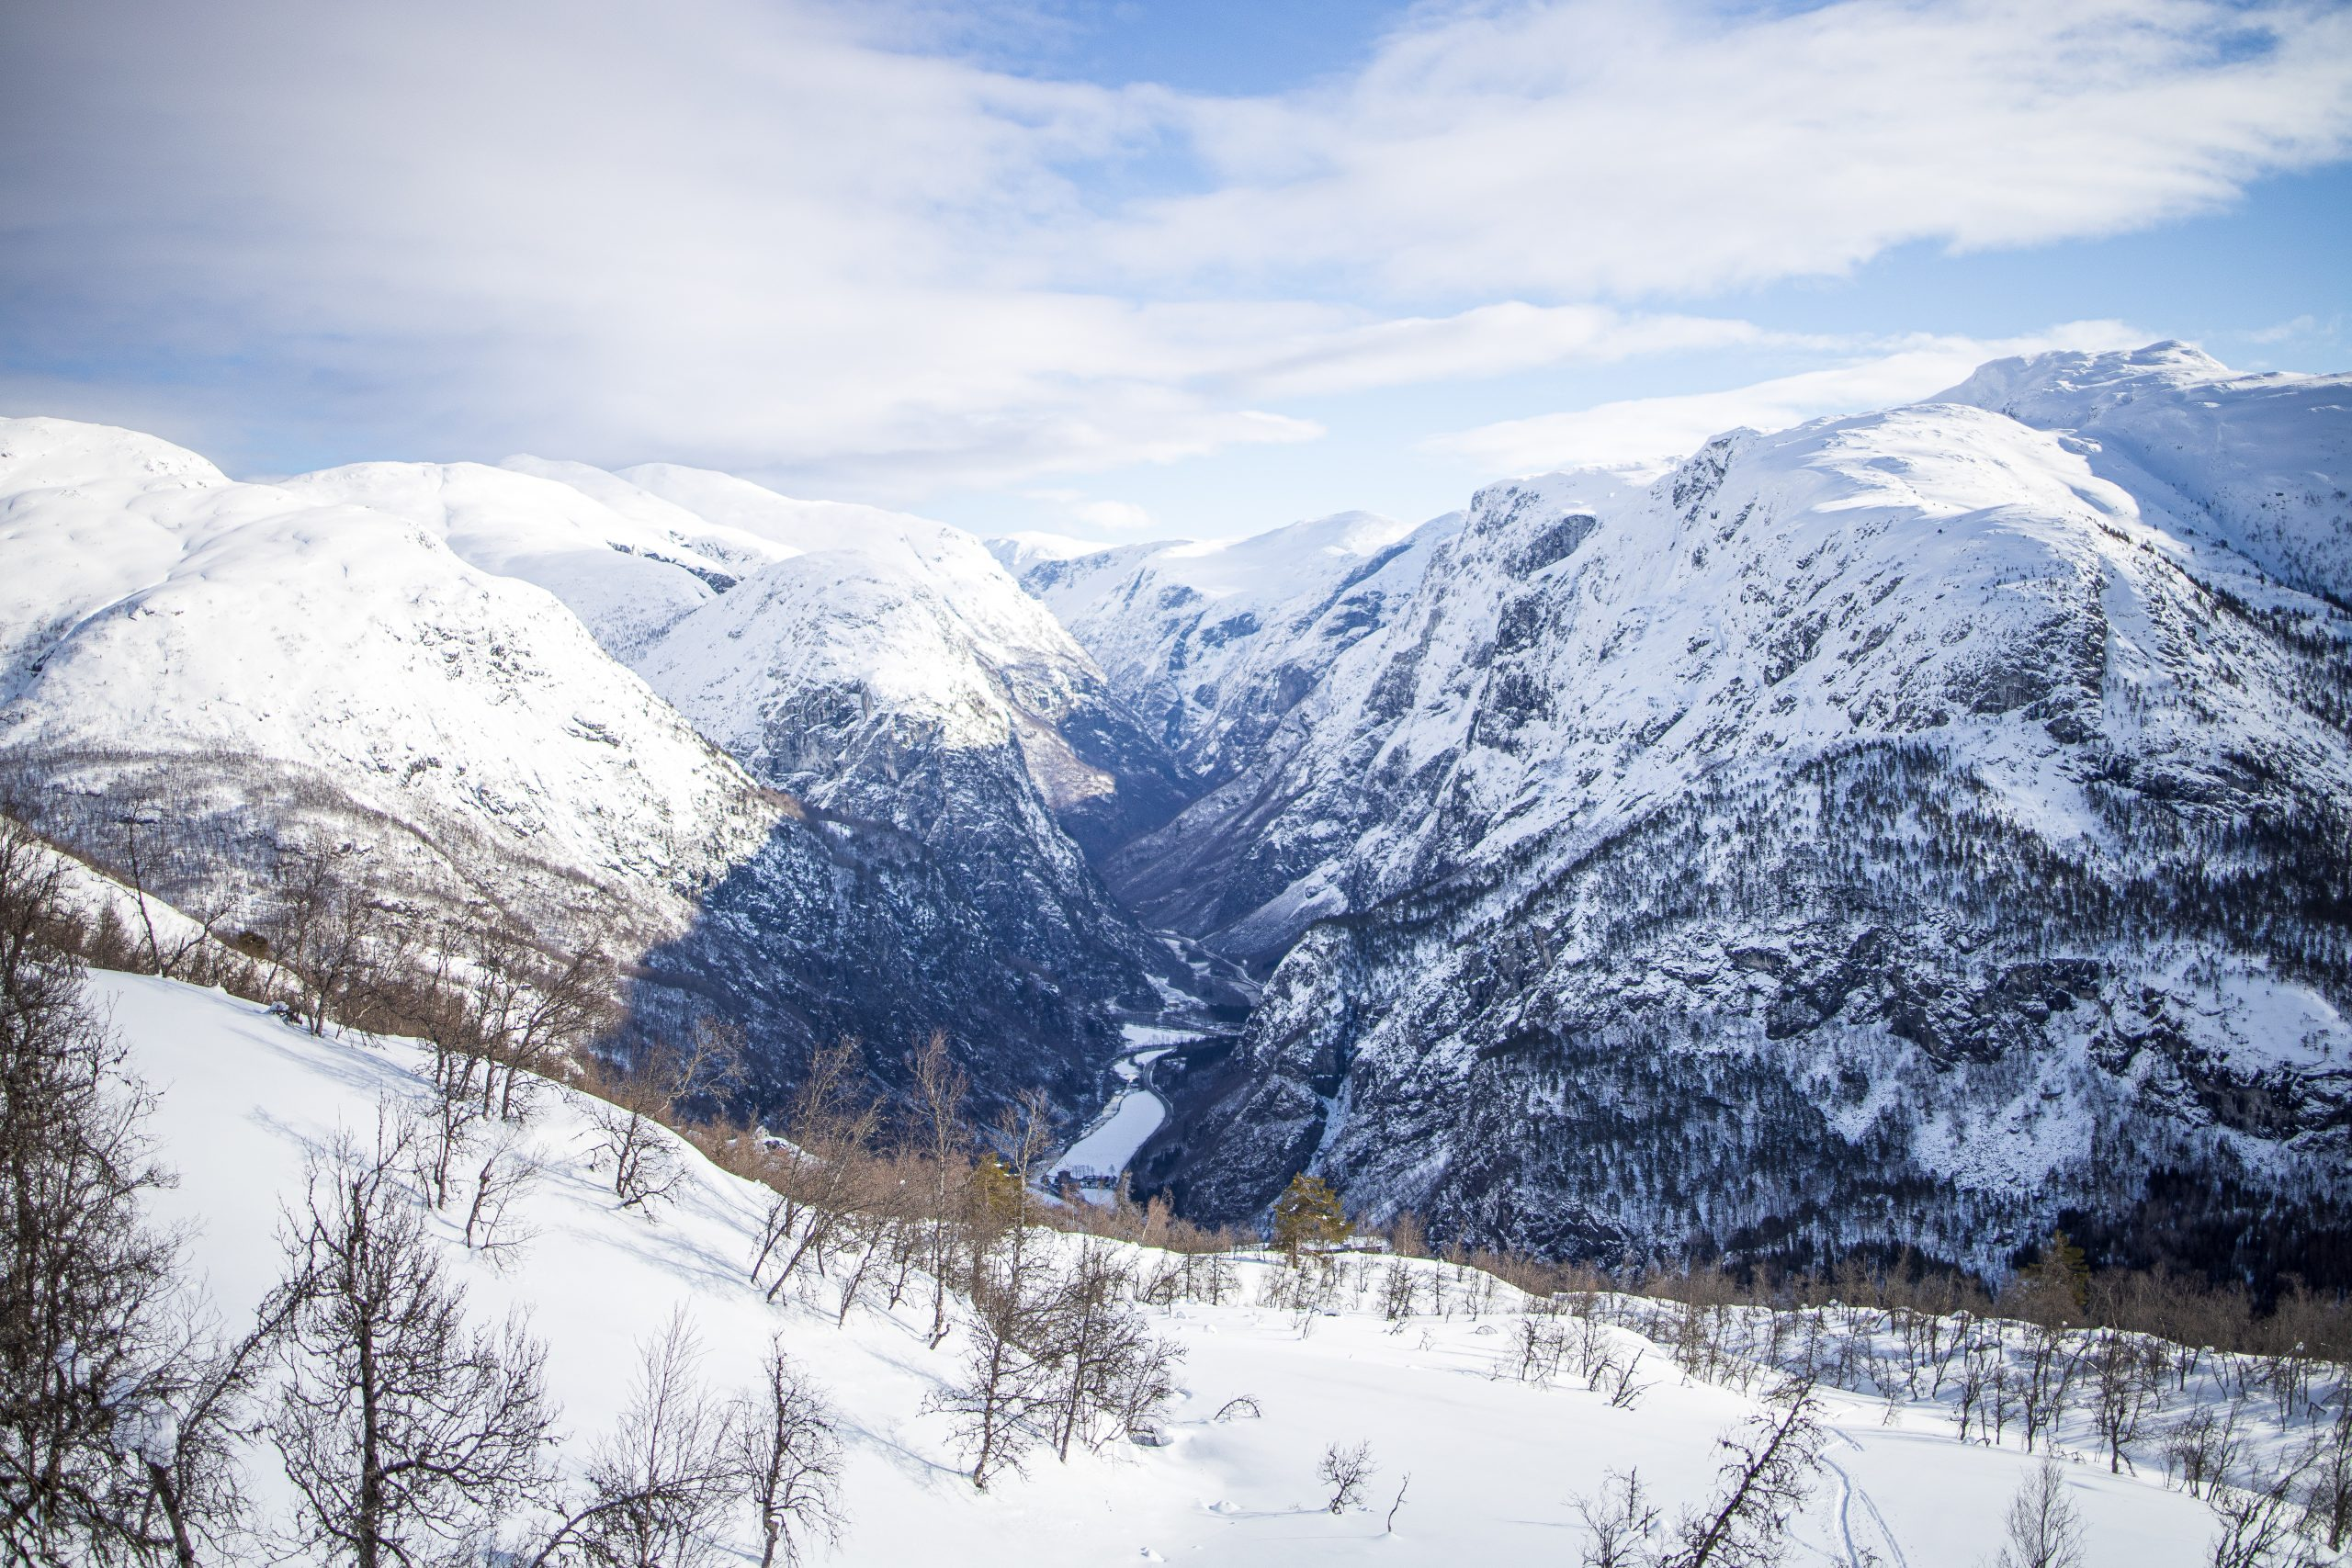 På vei opp mot Brekkenipa har en utsikt inn i den spektakulære Nærøydalen.